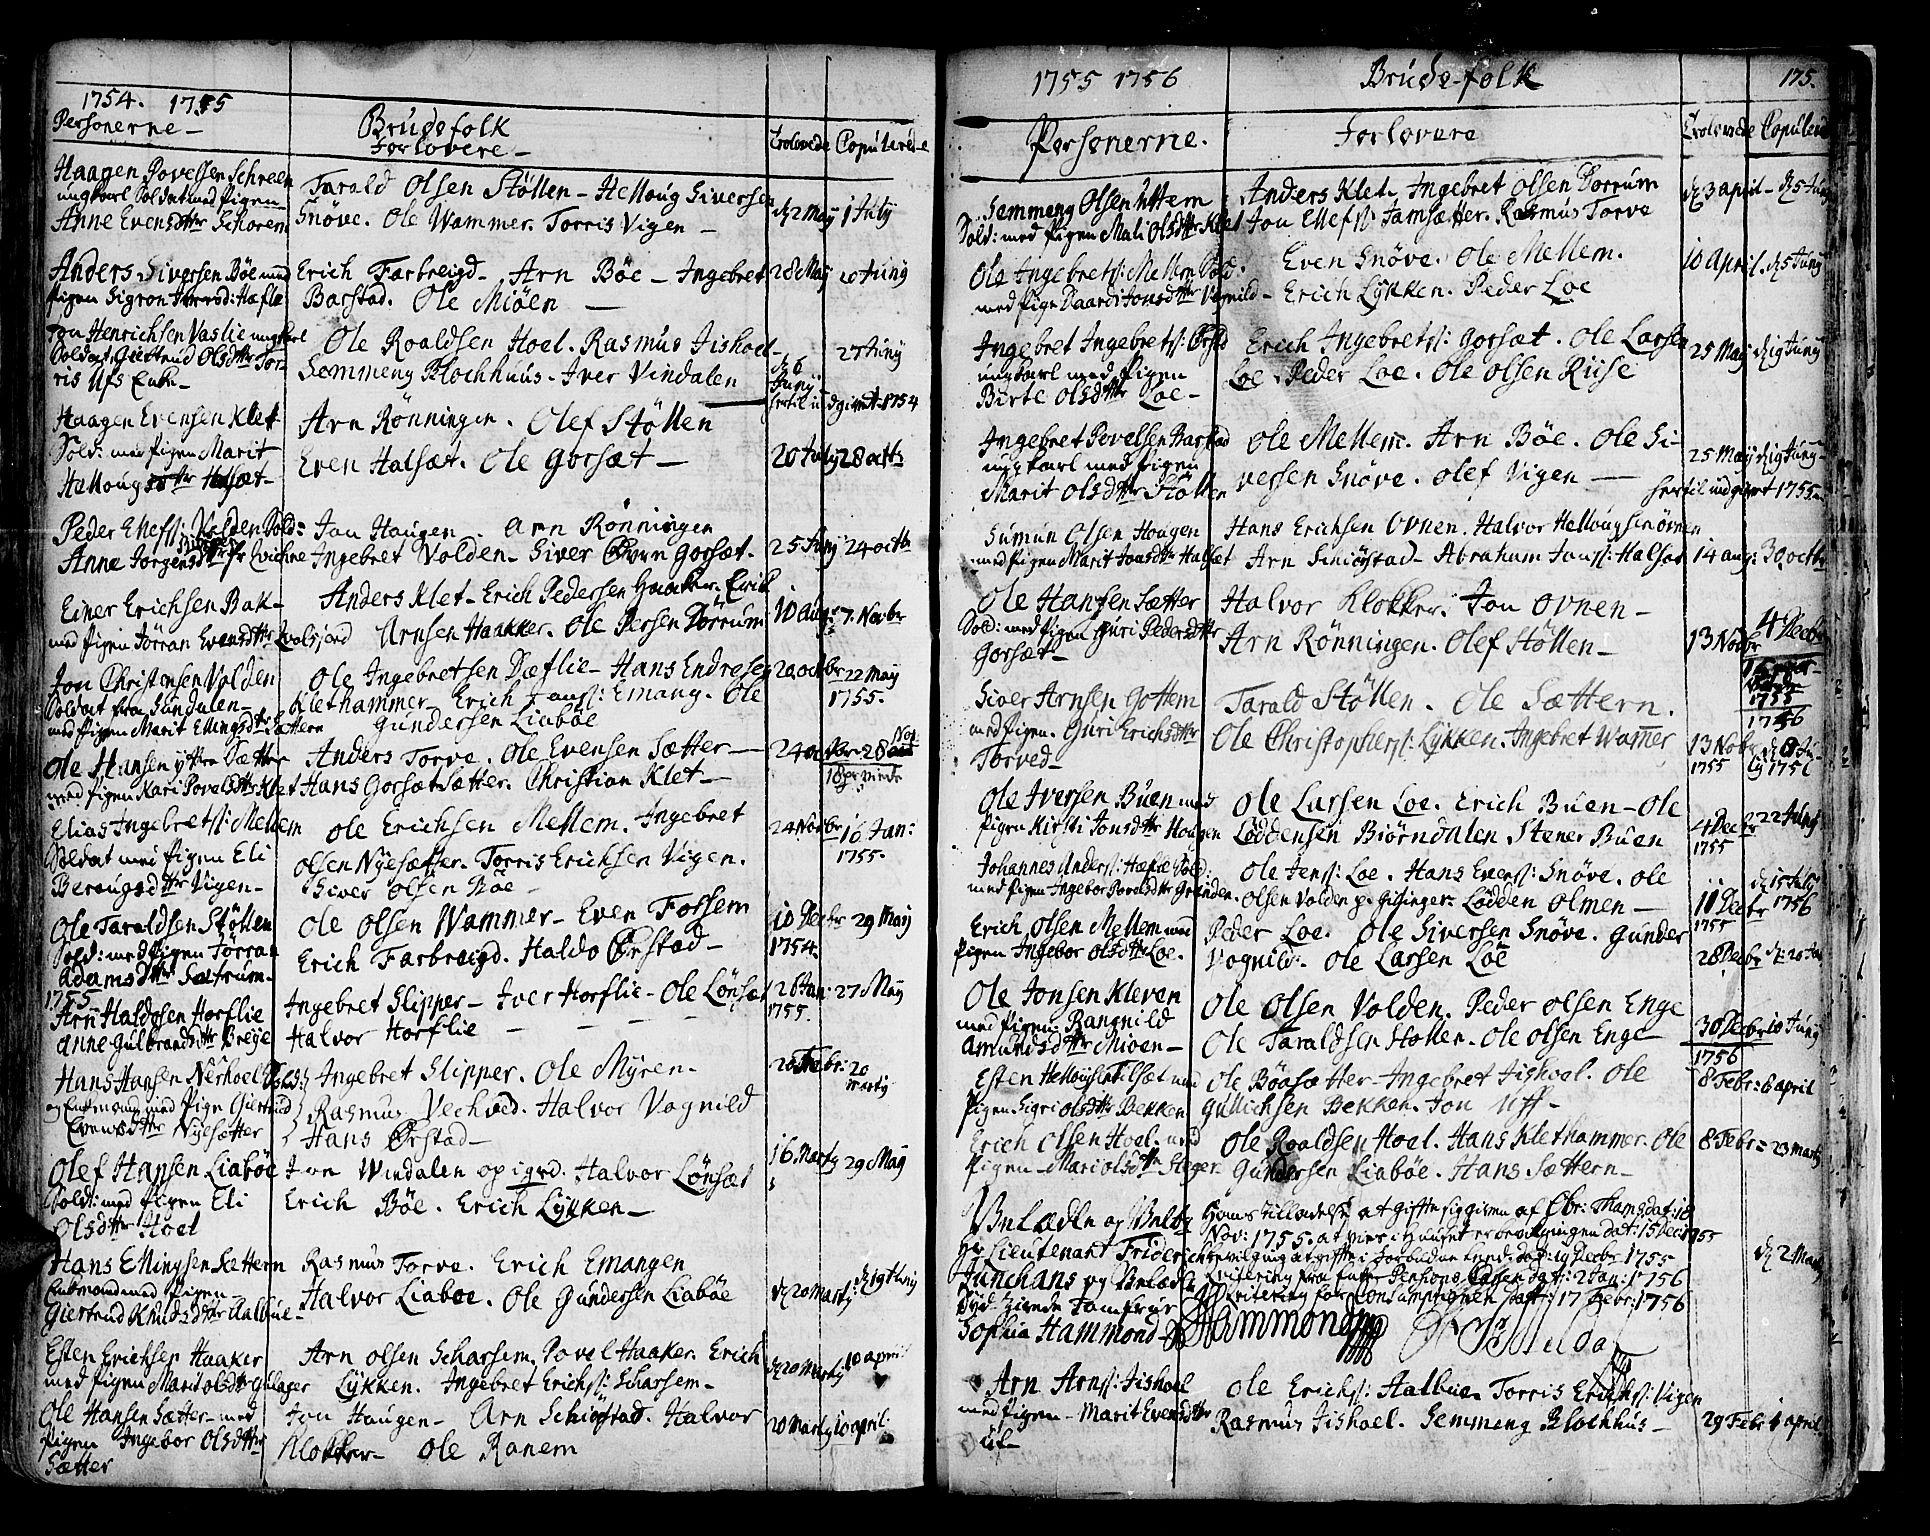 SAT, Ministerialprotokoller, klokkerbøker og fødselsregistre - Sør-Trøndelag, 678/L0891: Ministerialbok nr. 678A01, 1739-1780, s. 175